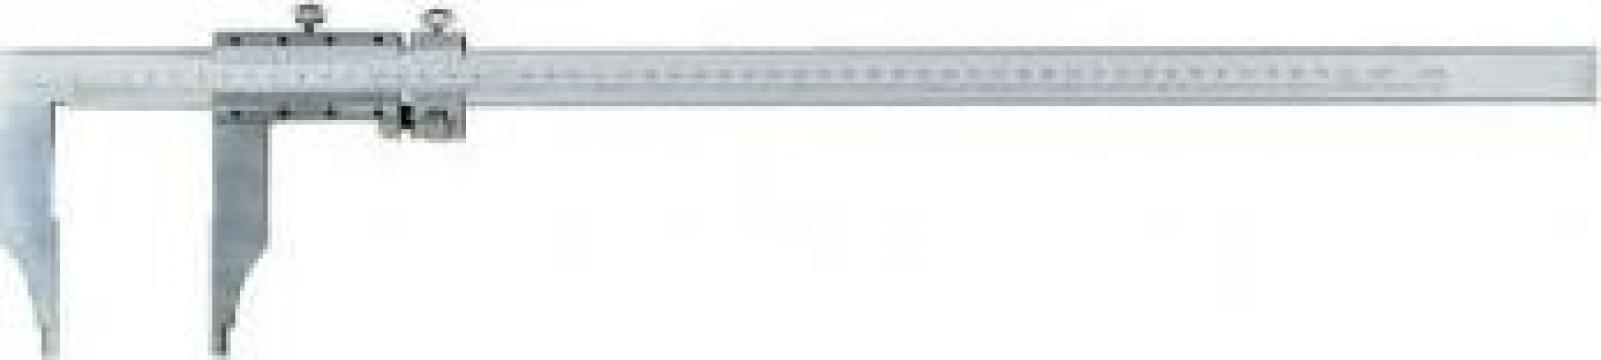 Subler cu ajustare fina 0 - 1500 C020/1500 de la Proma Machinery Srl.